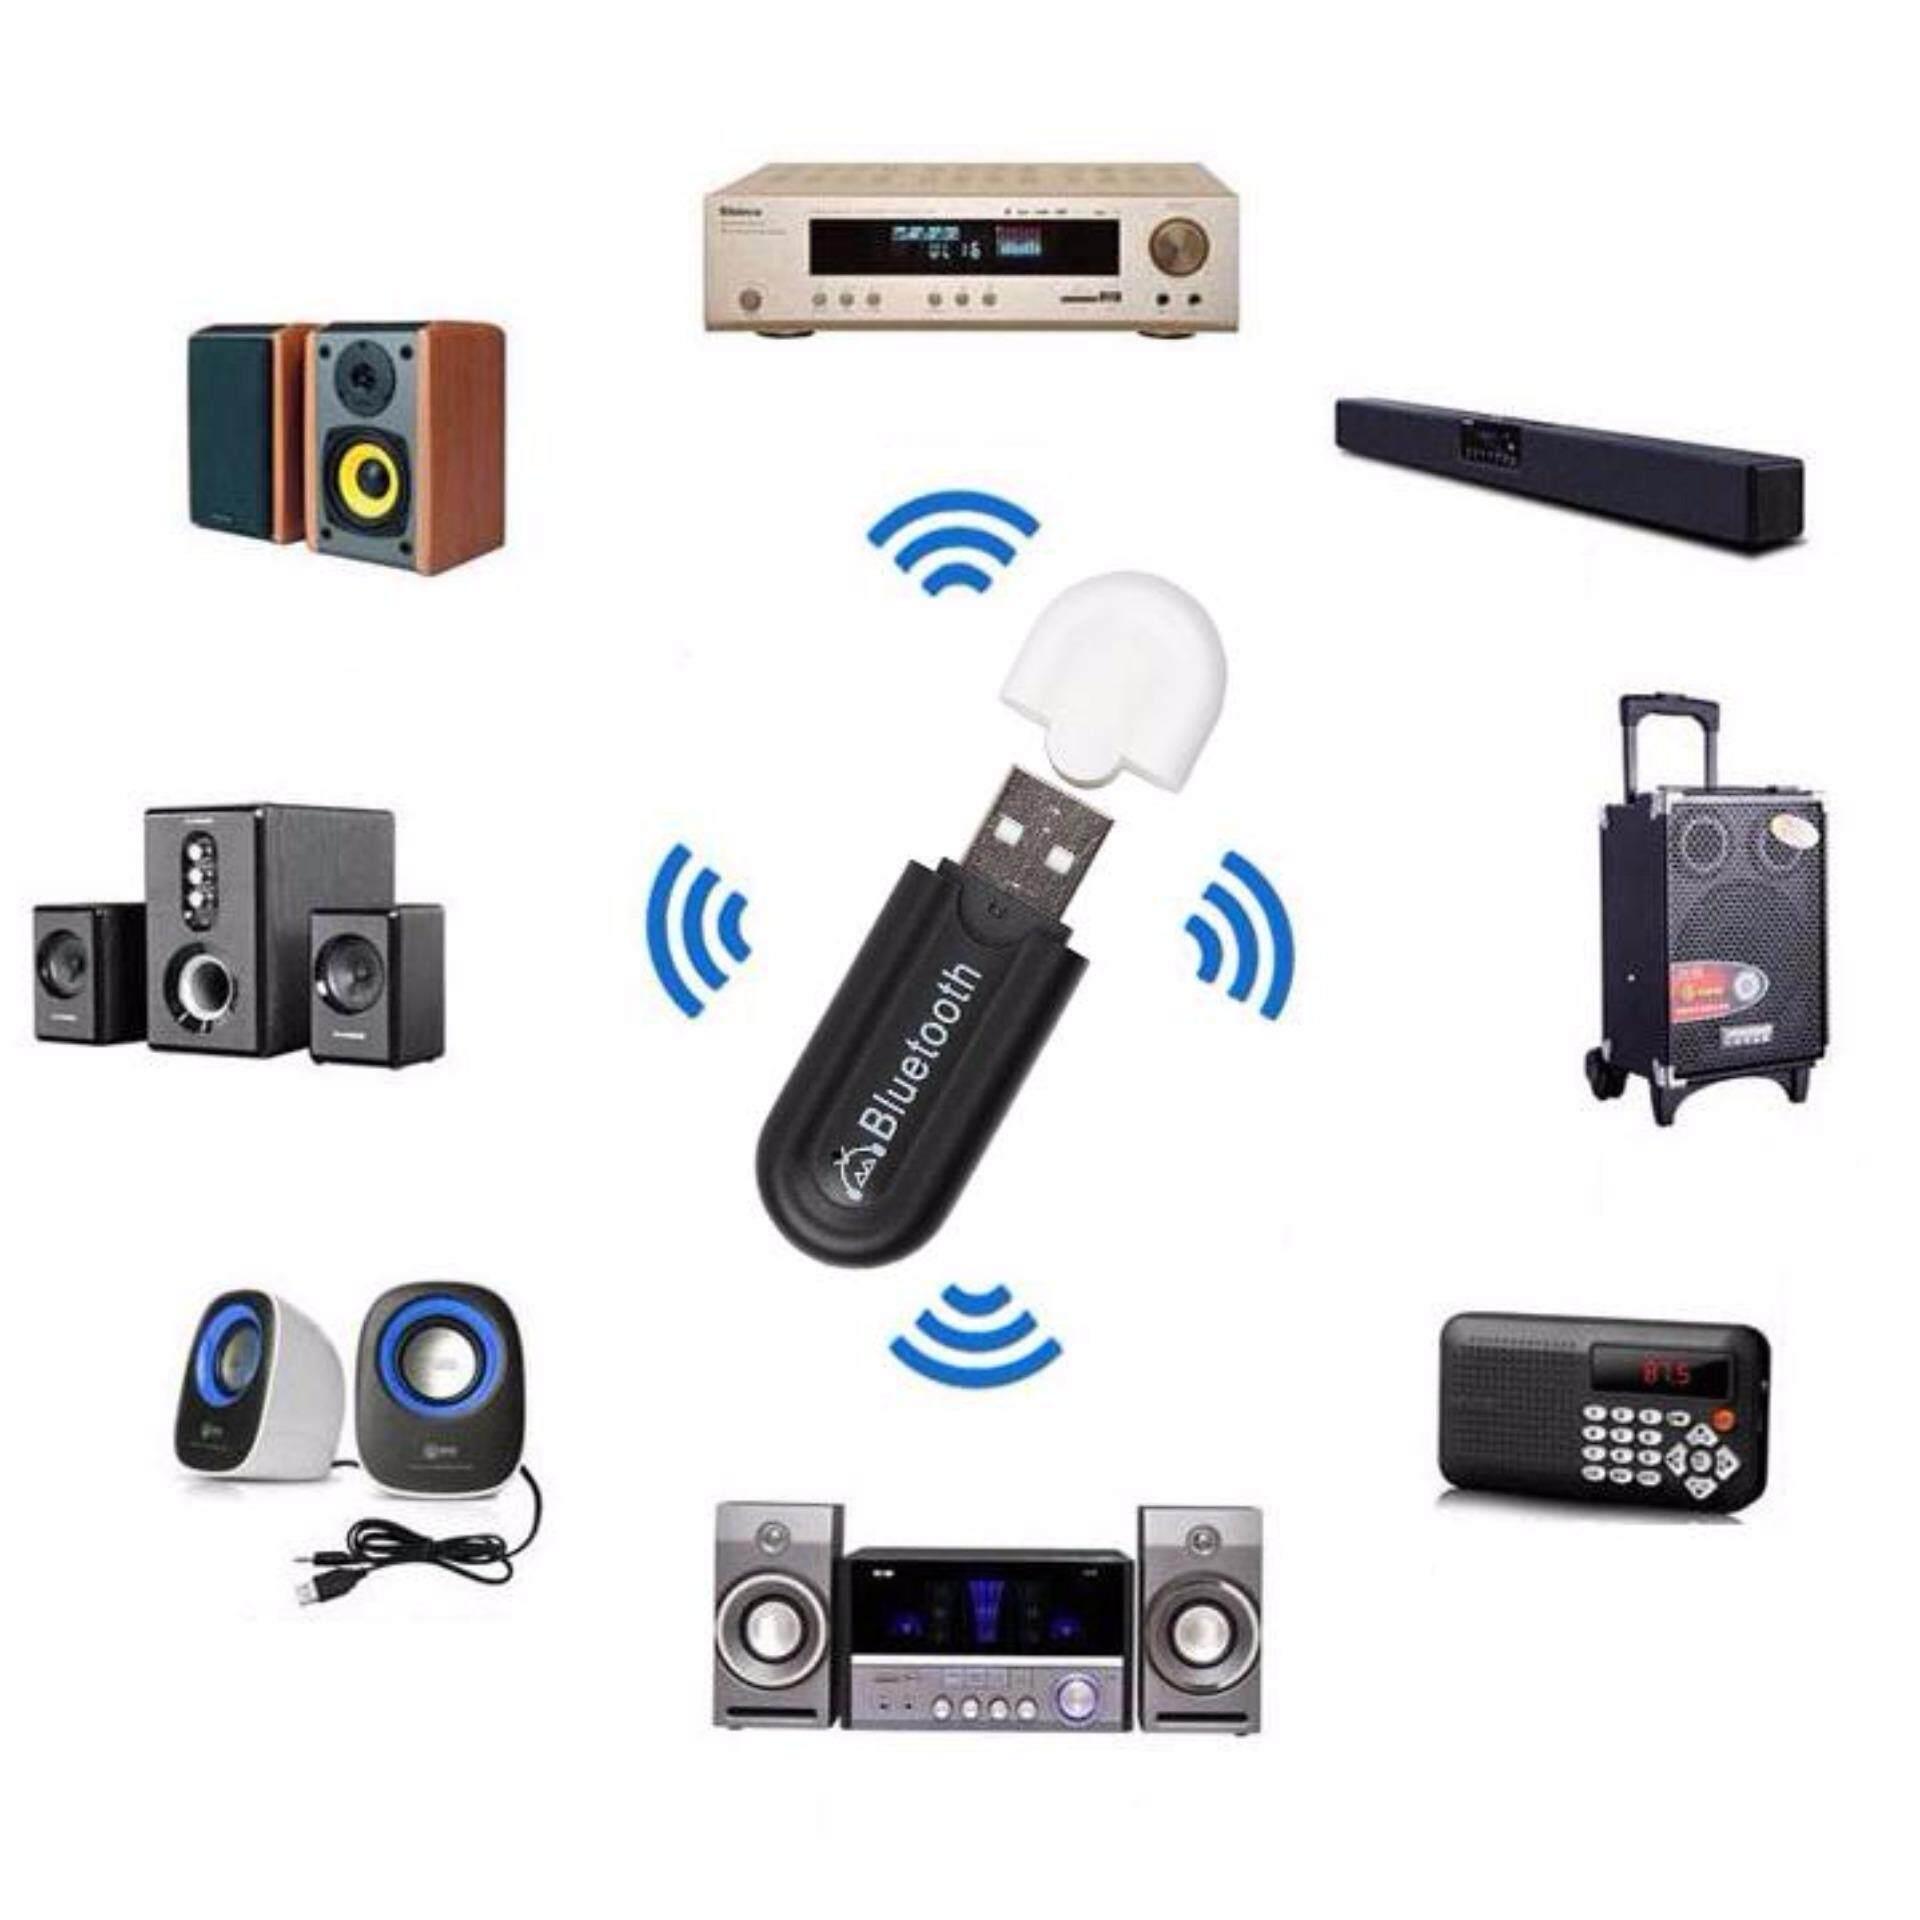 ลดราคาของจริงด่วน ๆ เครื่องเสียงและโฮมเธียร์เตอร์ Bluetooth USB Bluetooth HJX-001 บลูทูธมิวสิครับสัญญาณเสียง 3.5mm แจ็คสเตอริโอไร้สาย USB A2DP Blutooth เพลงเสียง Transmitt รับ dongle อะแดปเตอร์สำหรับรถหูฟัง มีโปรโมชั่น ลดราคา